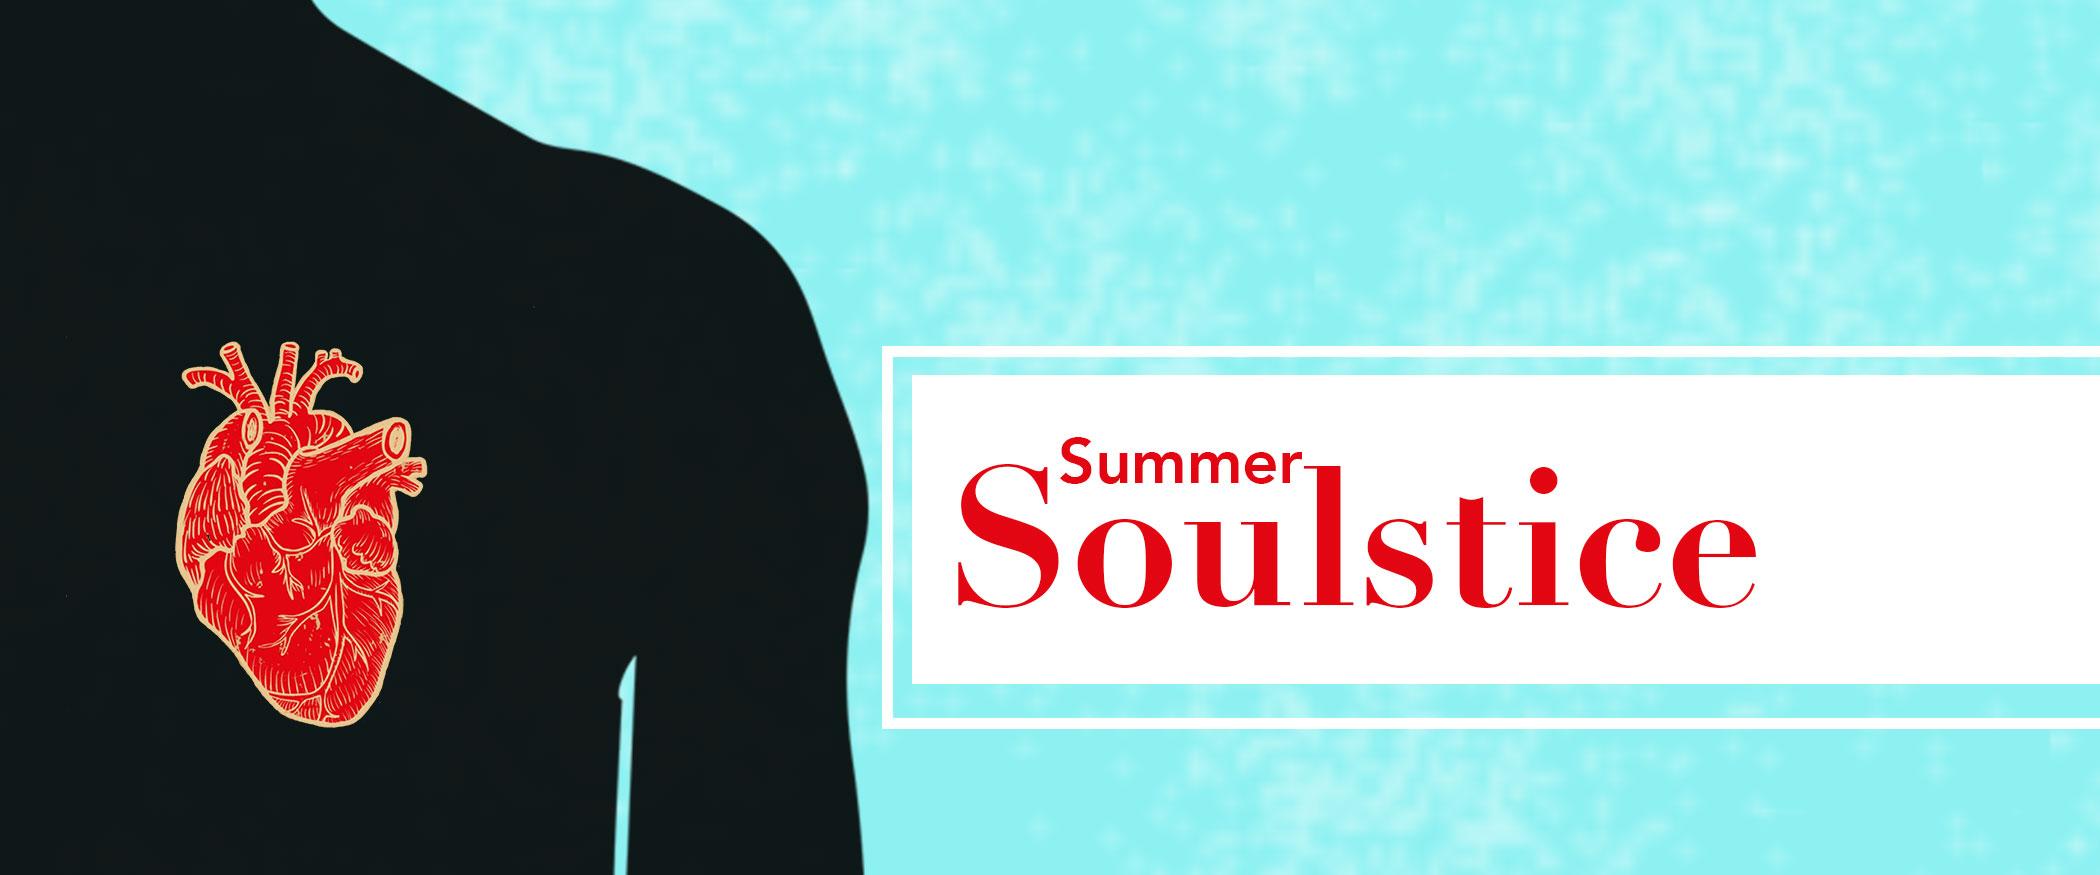 summer_soulstice_3_slide